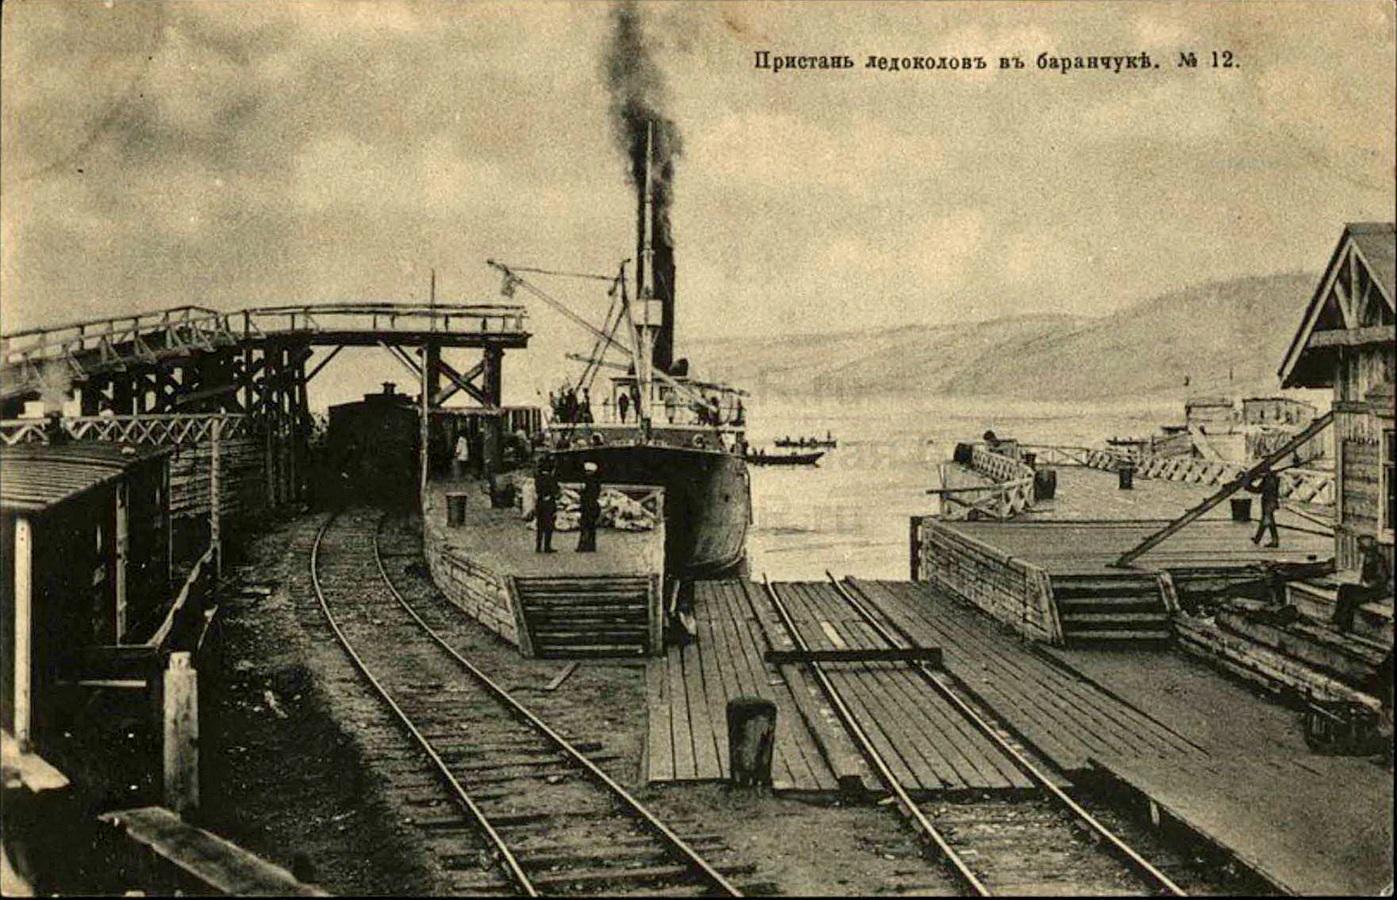 Байкал пристань ледоколов в Баранчуке.